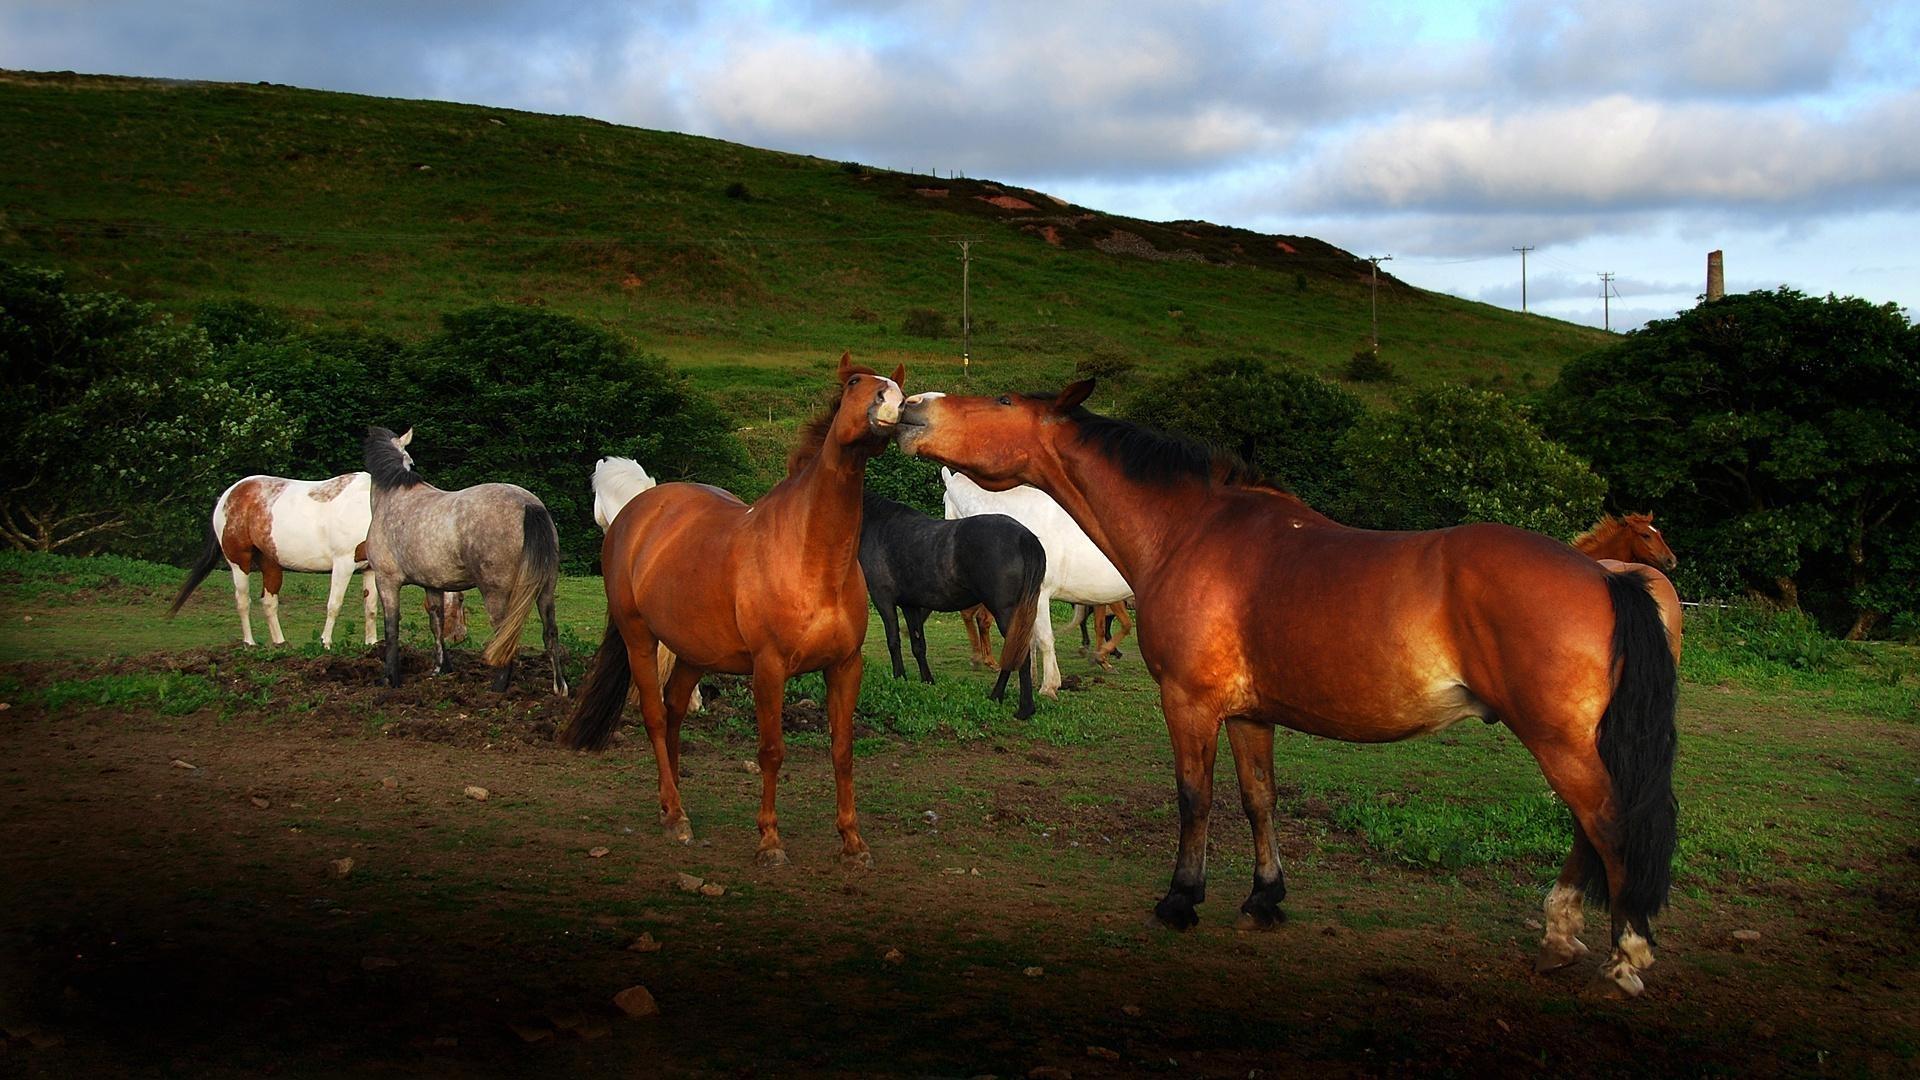 31591 Заставки и Обои Лошади на телефон. Скачать Лошади, Животные картинки бесплатно